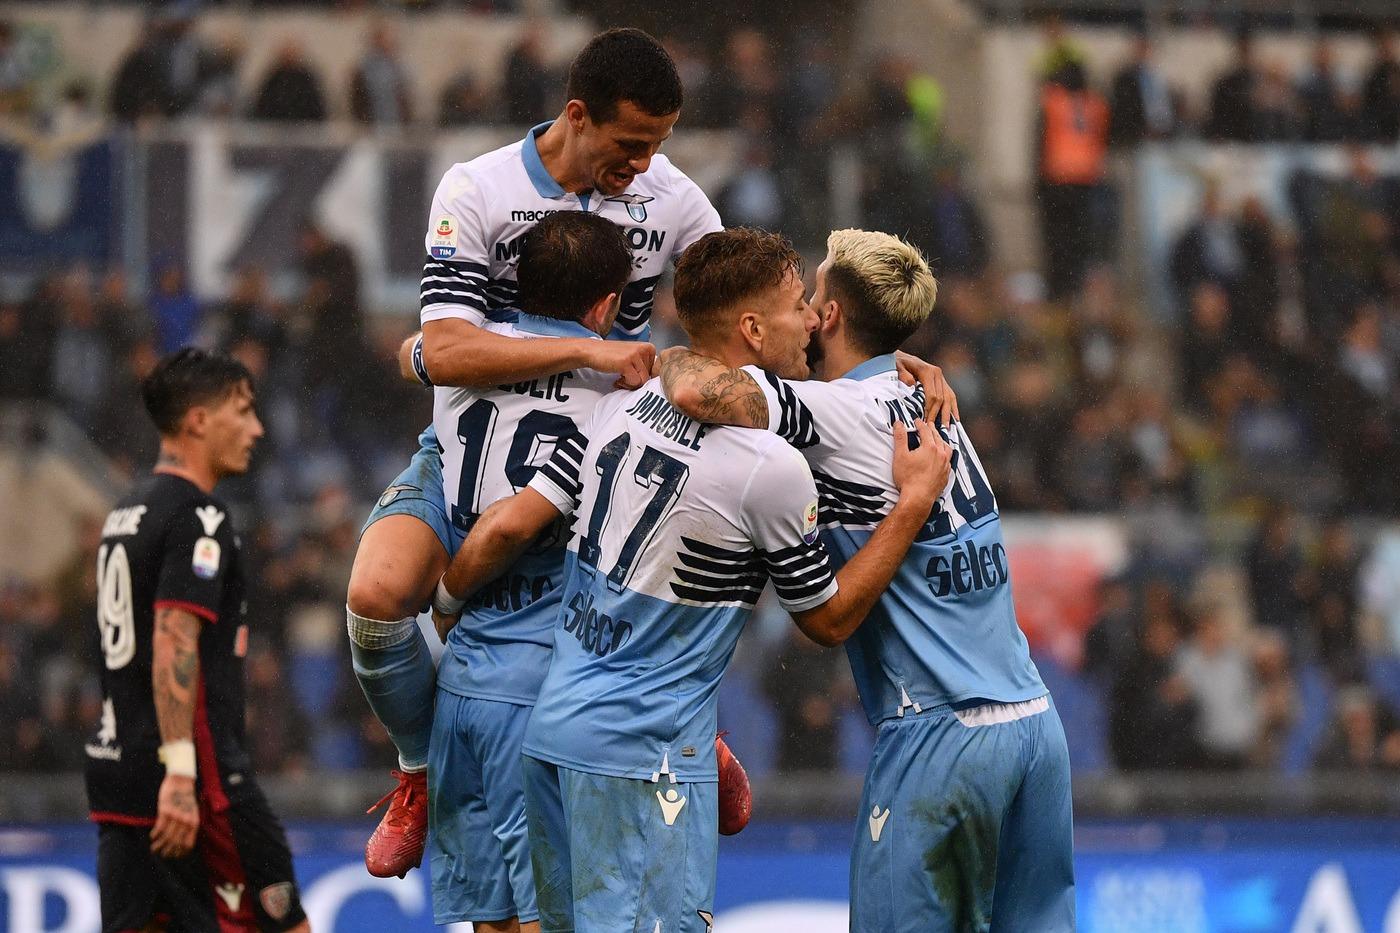 Serie A, Genoa-Lazio domenica 17 febbraio: analisi e pronostico della 24ma giornata del campionato italiano